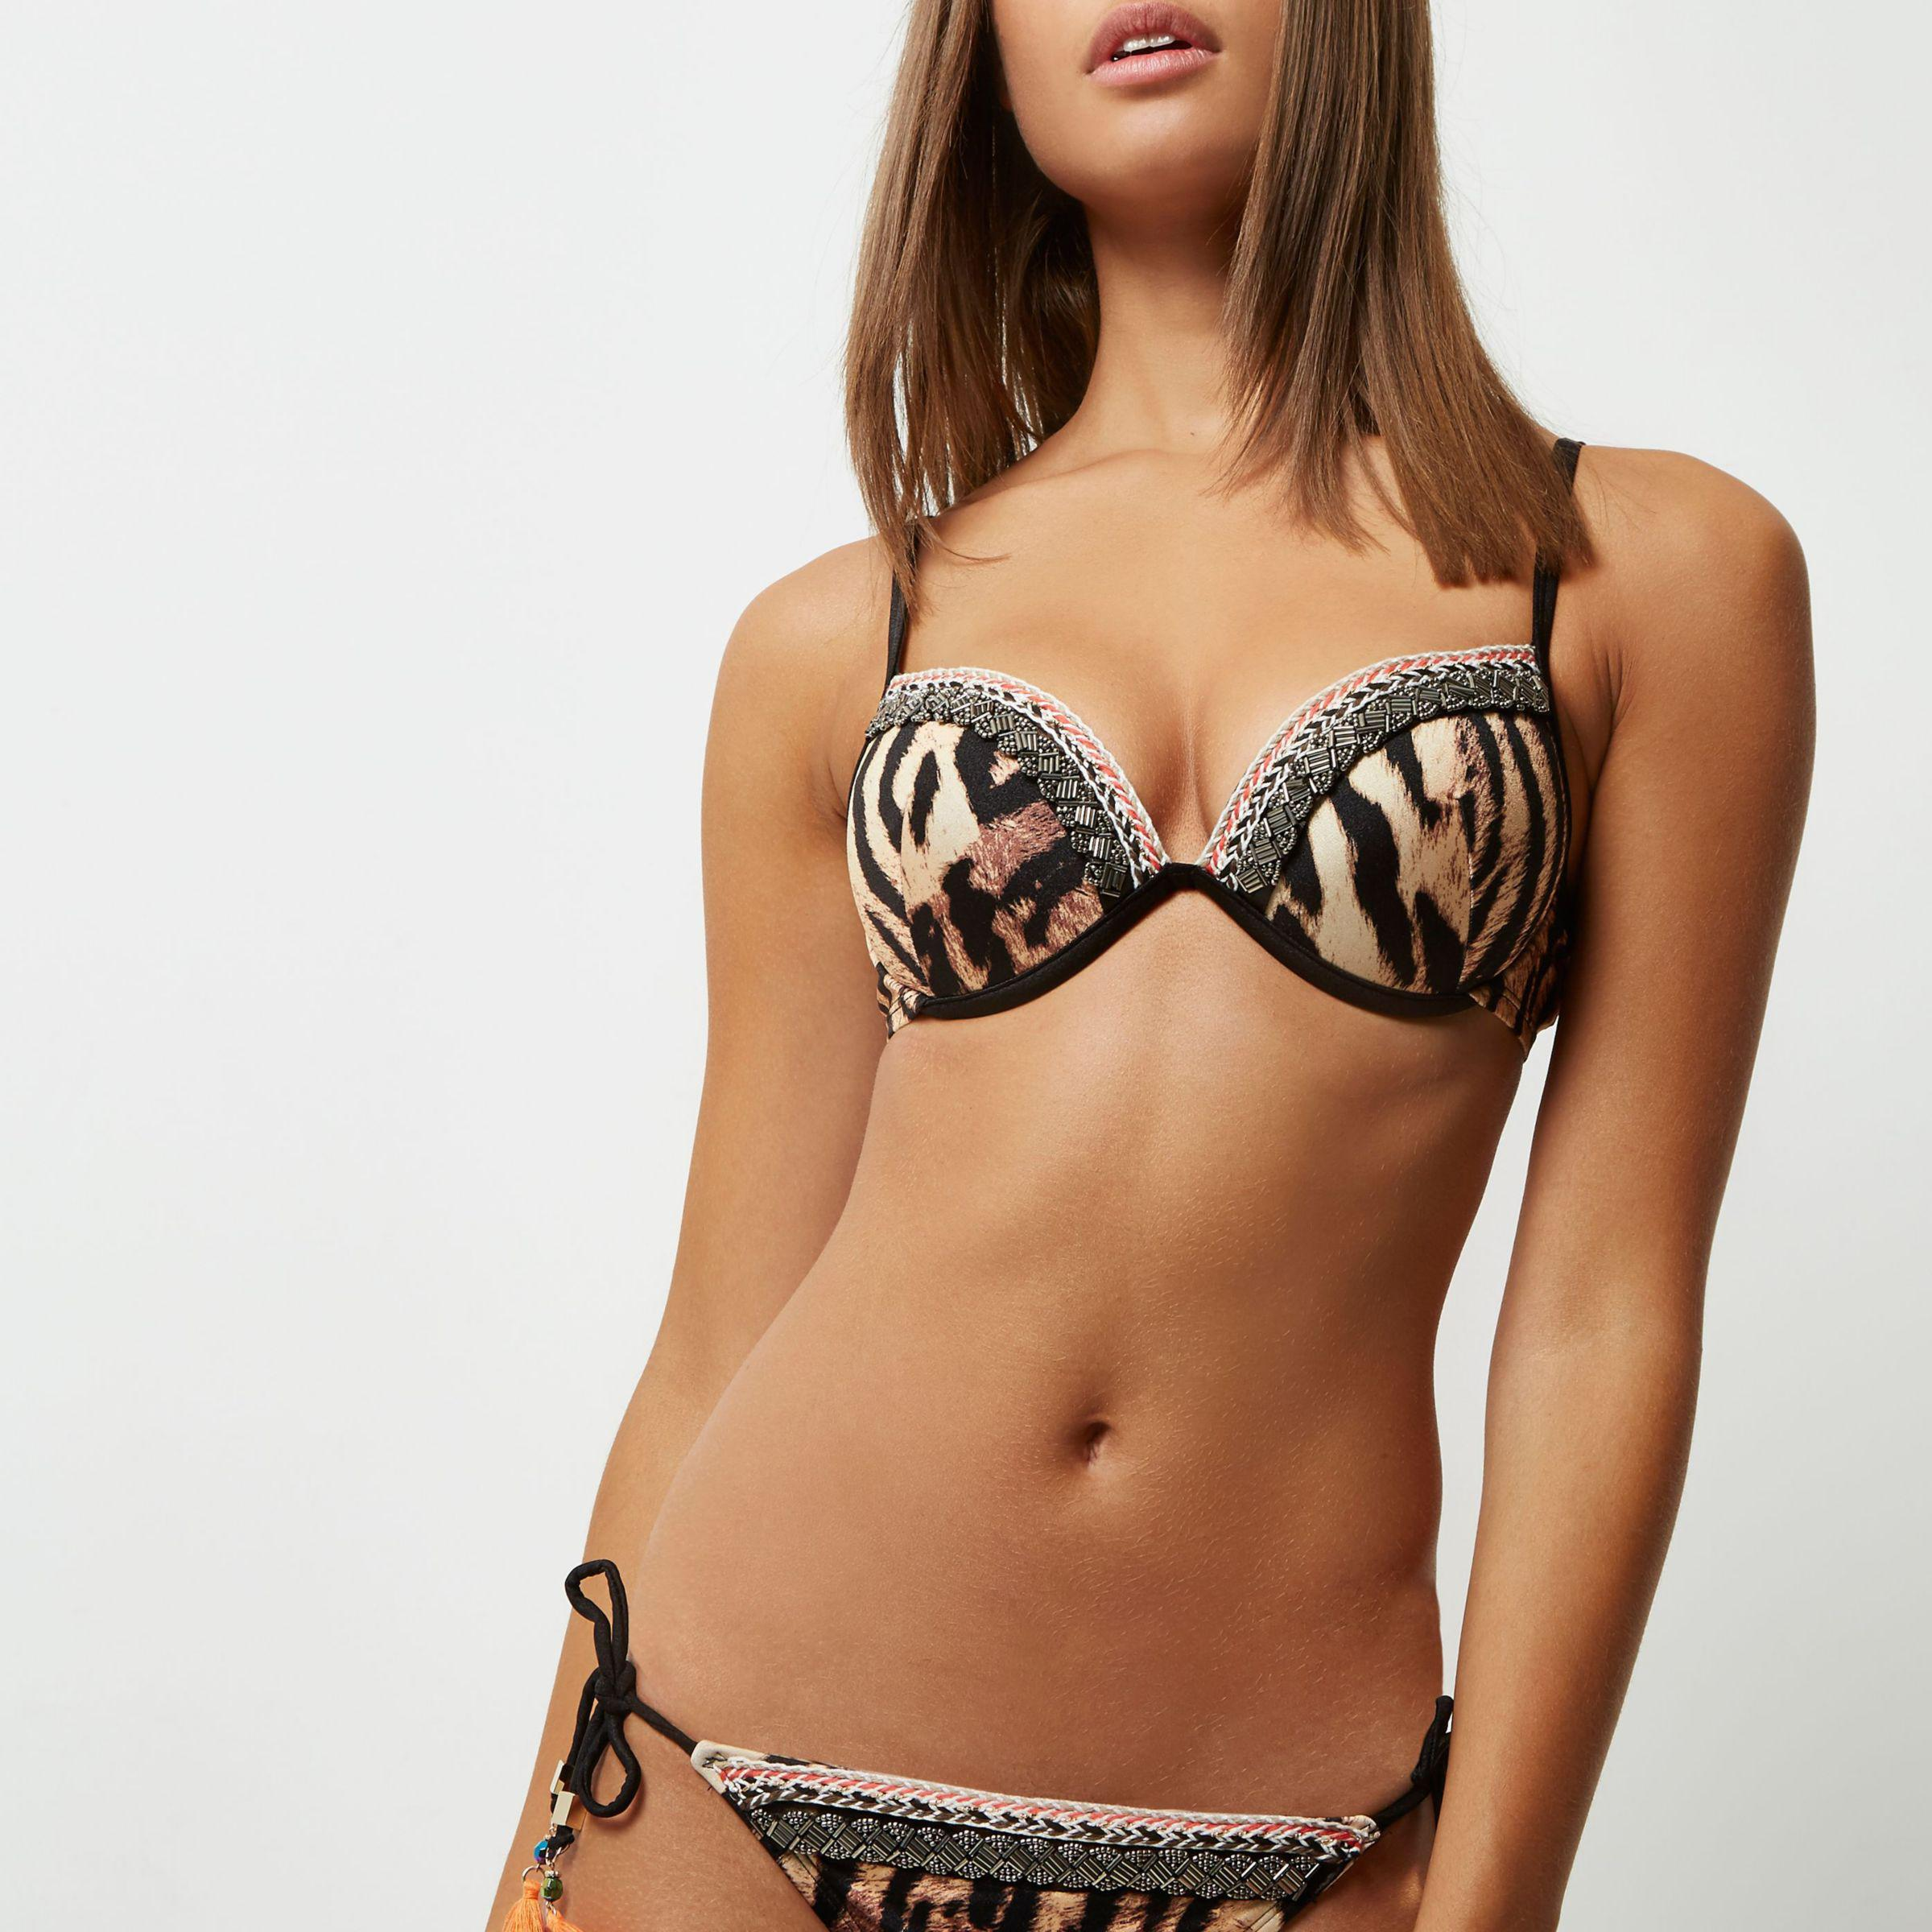 Bikini Erica Brown nudes (48 photos), Sexy, Bikini, Boobs, braless 2019